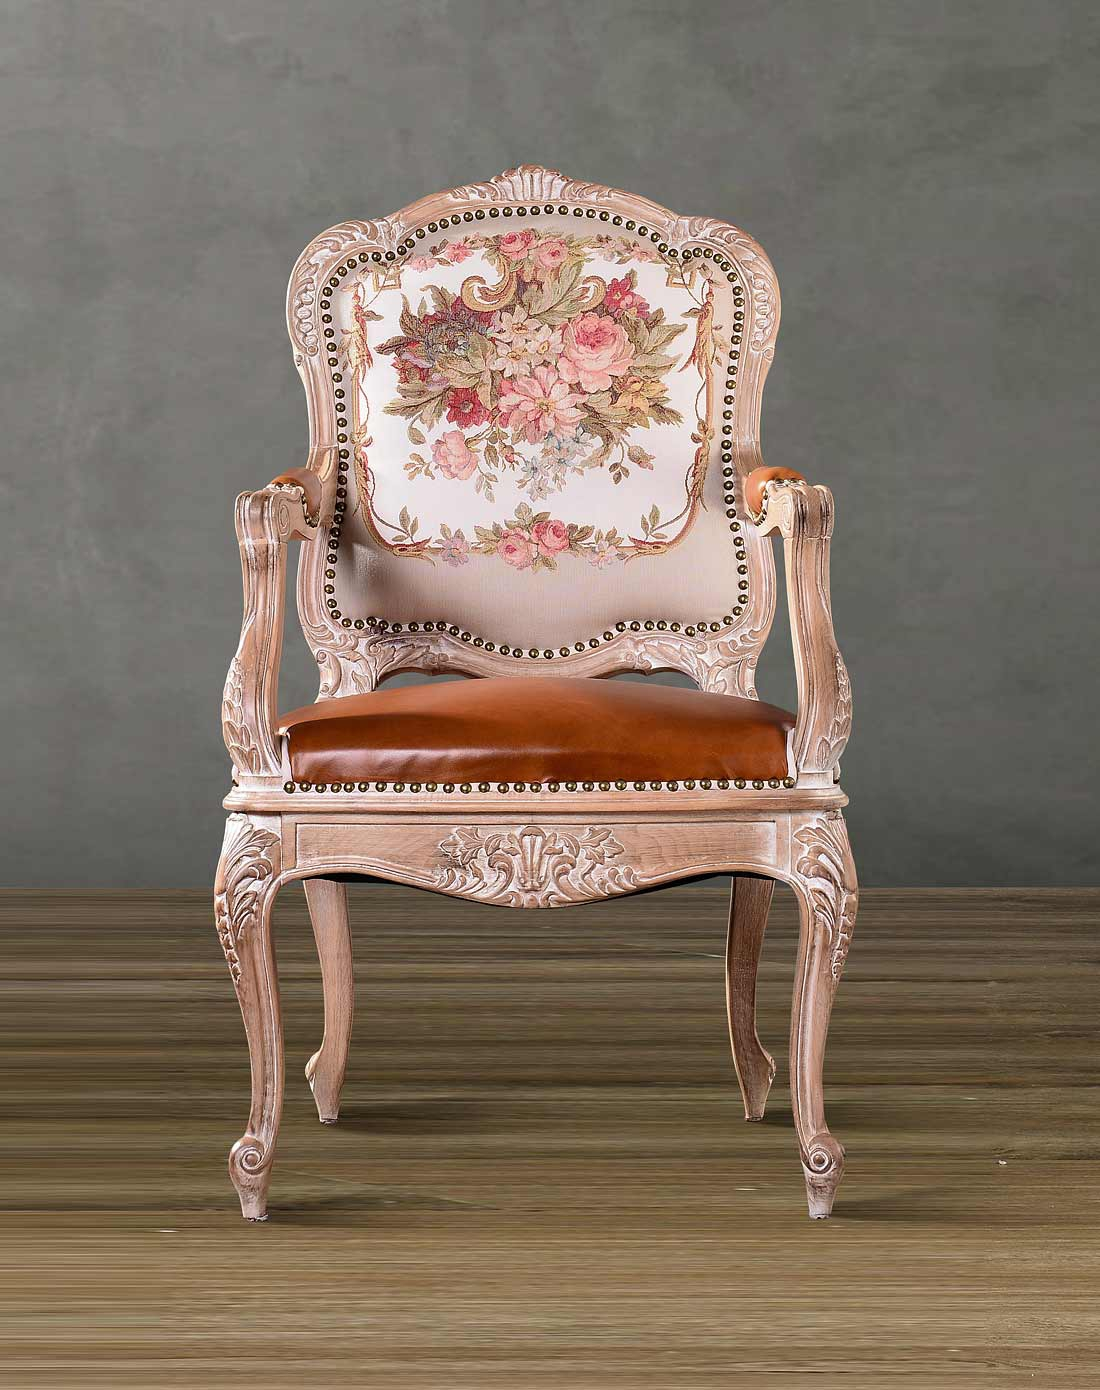 法式新古典欧洲进口白榉木家具 咖色牛皮花纹布艺单人沙发椅